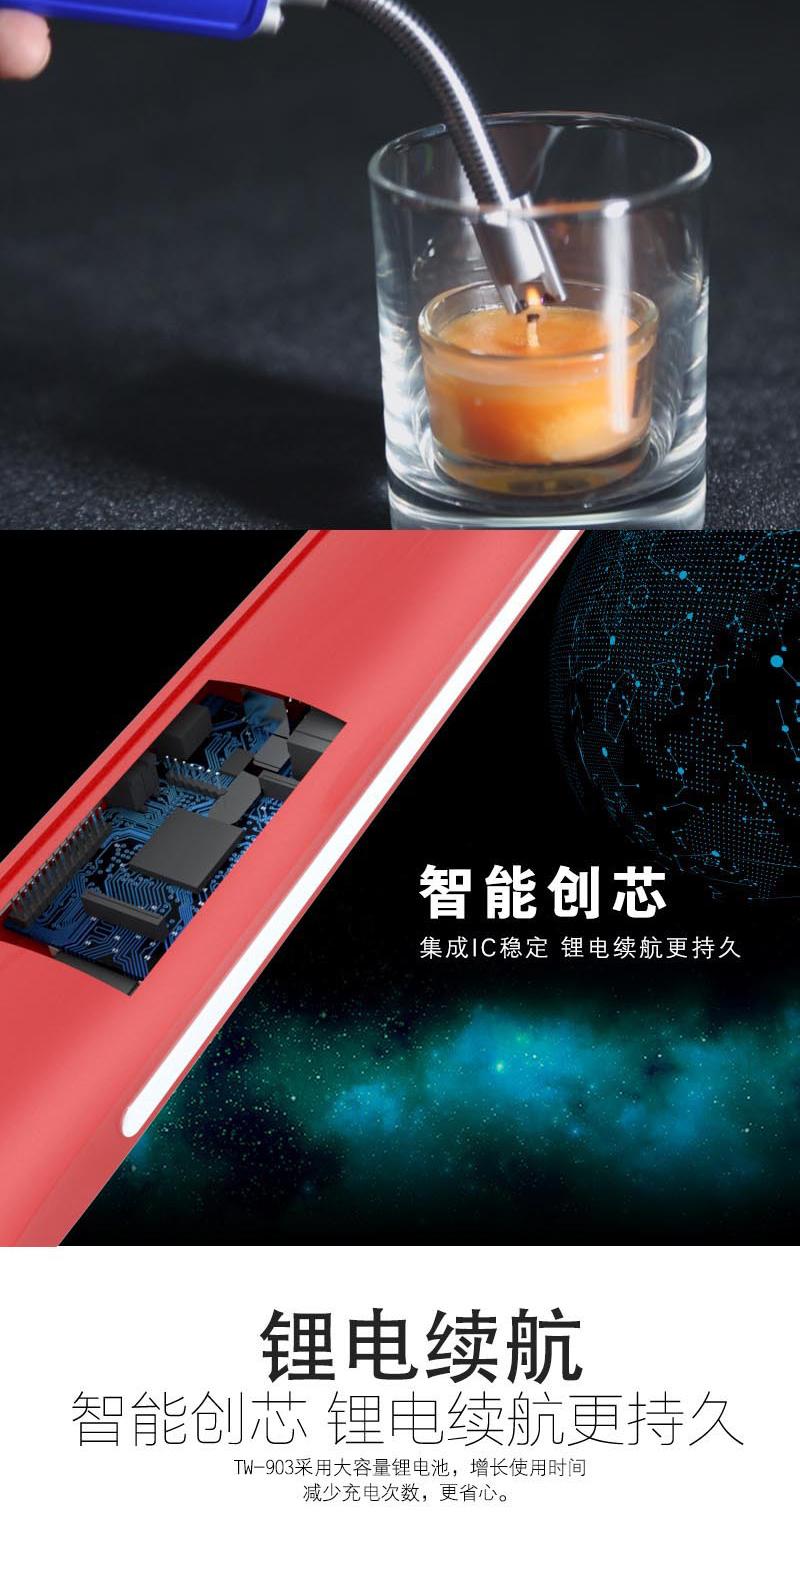 TW-903型電弧點火器介绍图_05